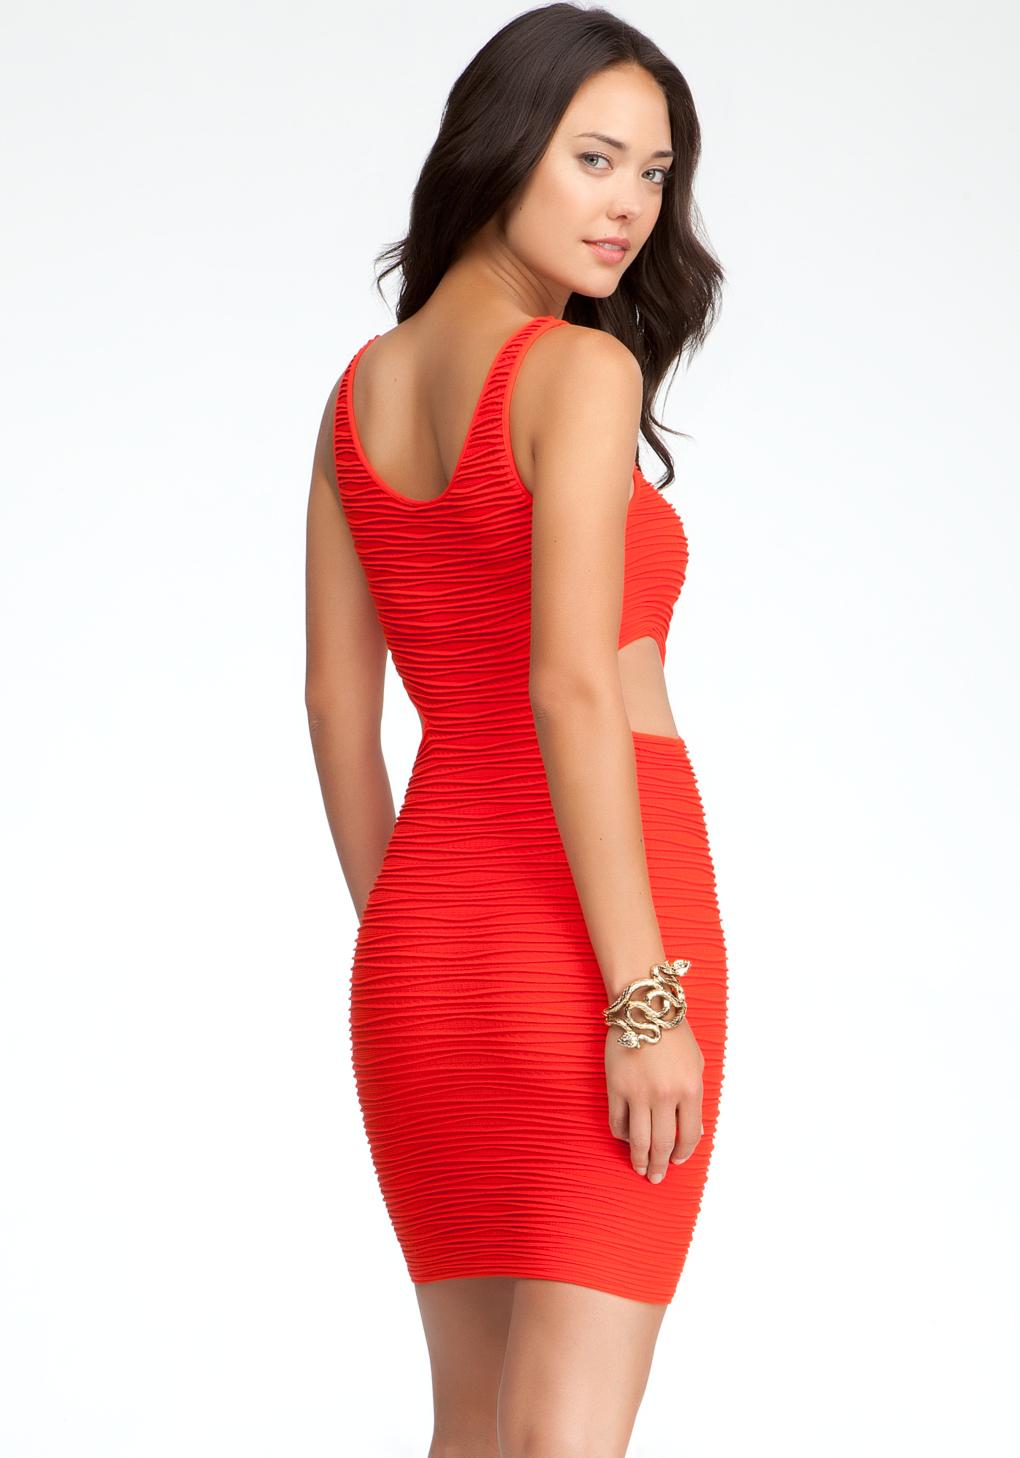 Bebe Side Cutout Bodycon Tank Dress In Red Lyst